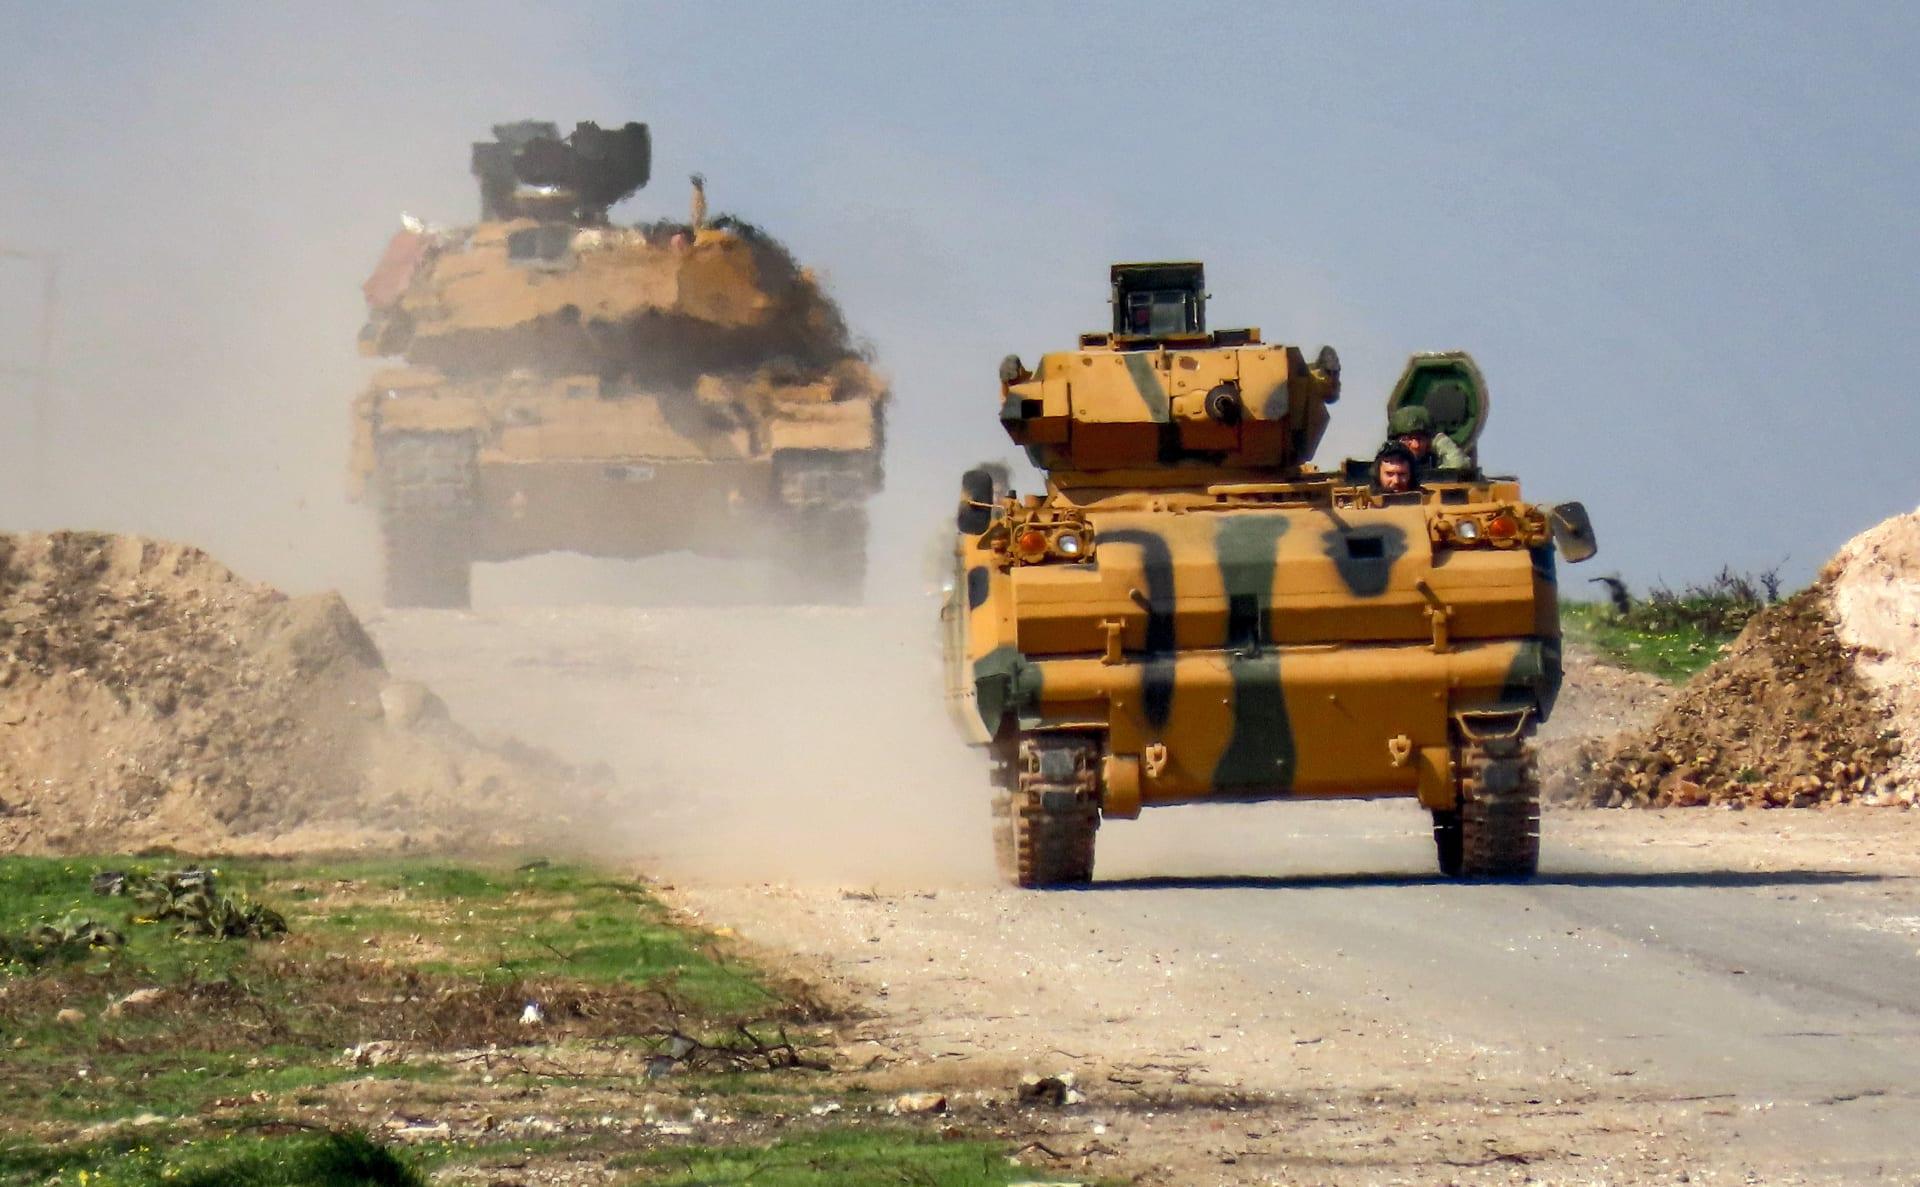 في مواجهة أرمينيا.. تركيا: صناعاتنا العسكرية تحت تصرف أذربيجان